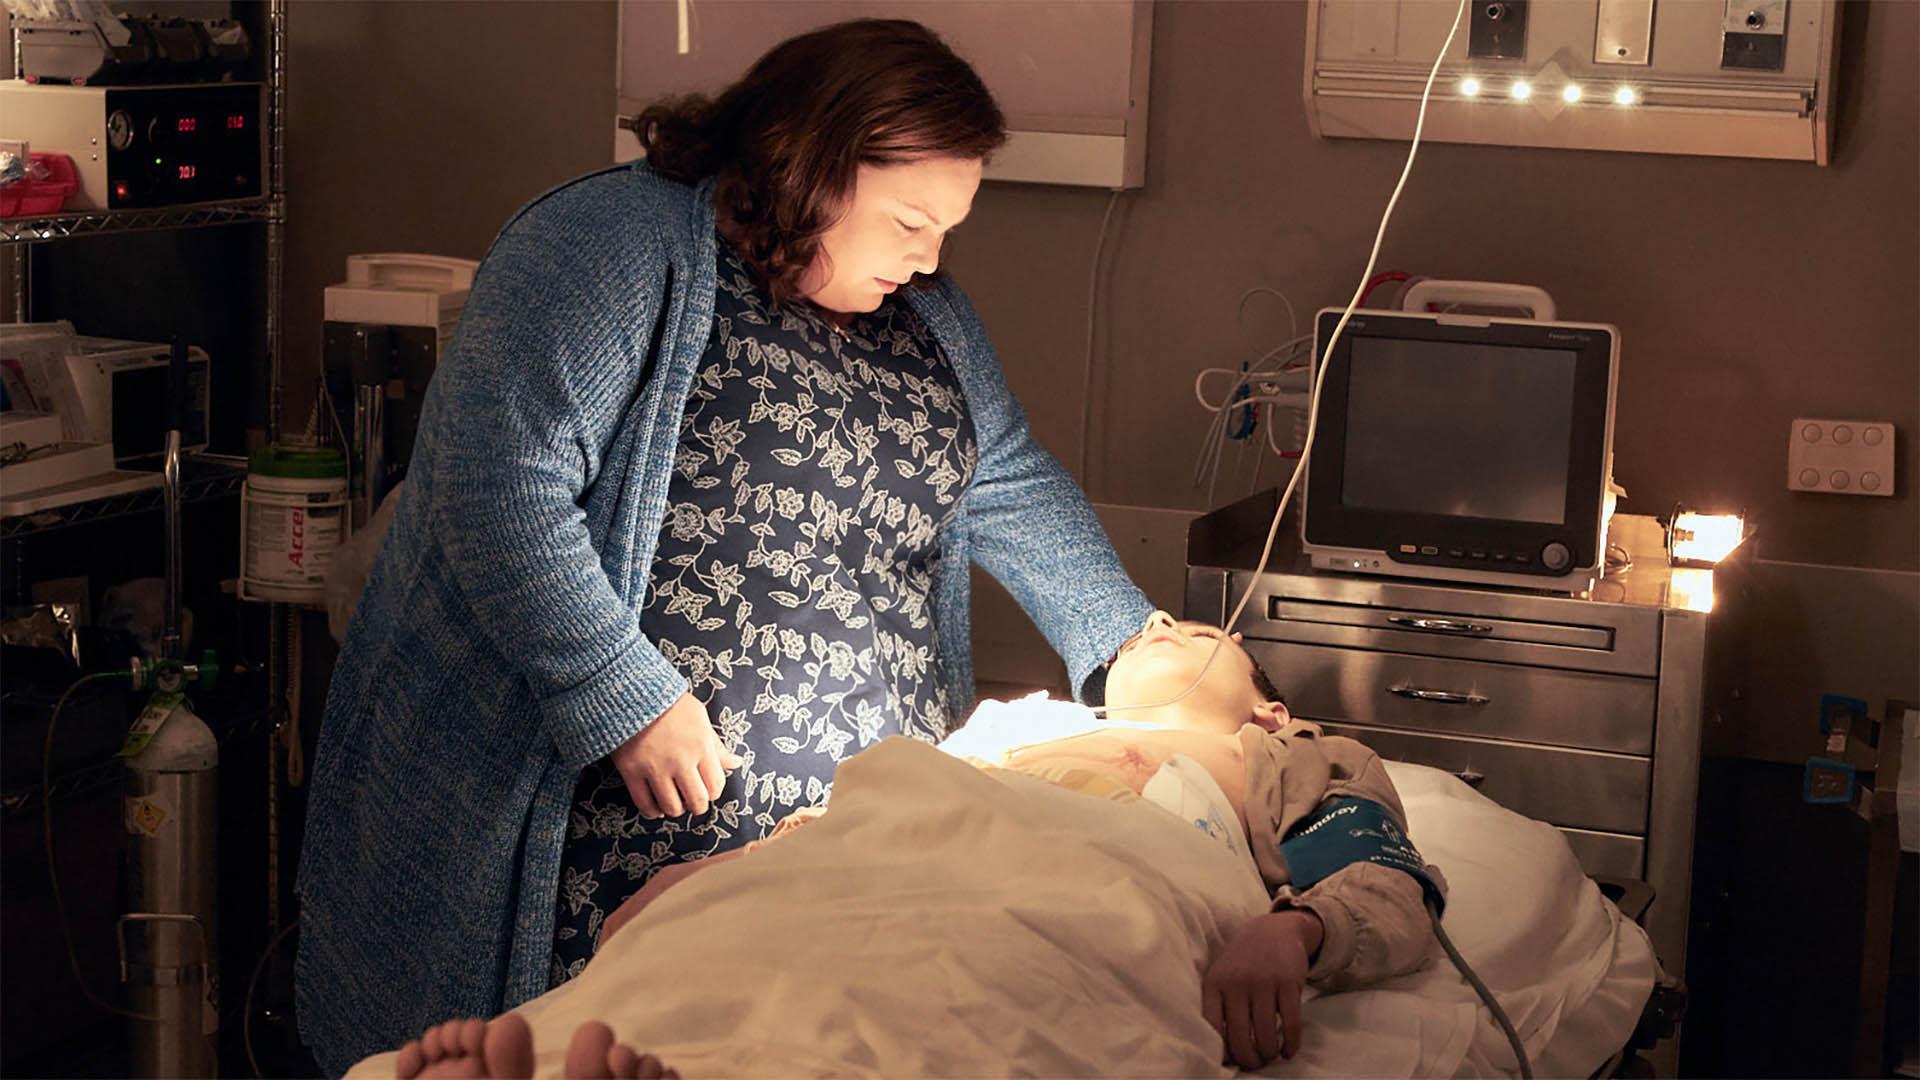 Im Krankenhaus soll sich Joyce Smith eigentlich von ihrem Sohn verabschieden. Doch sie betet.